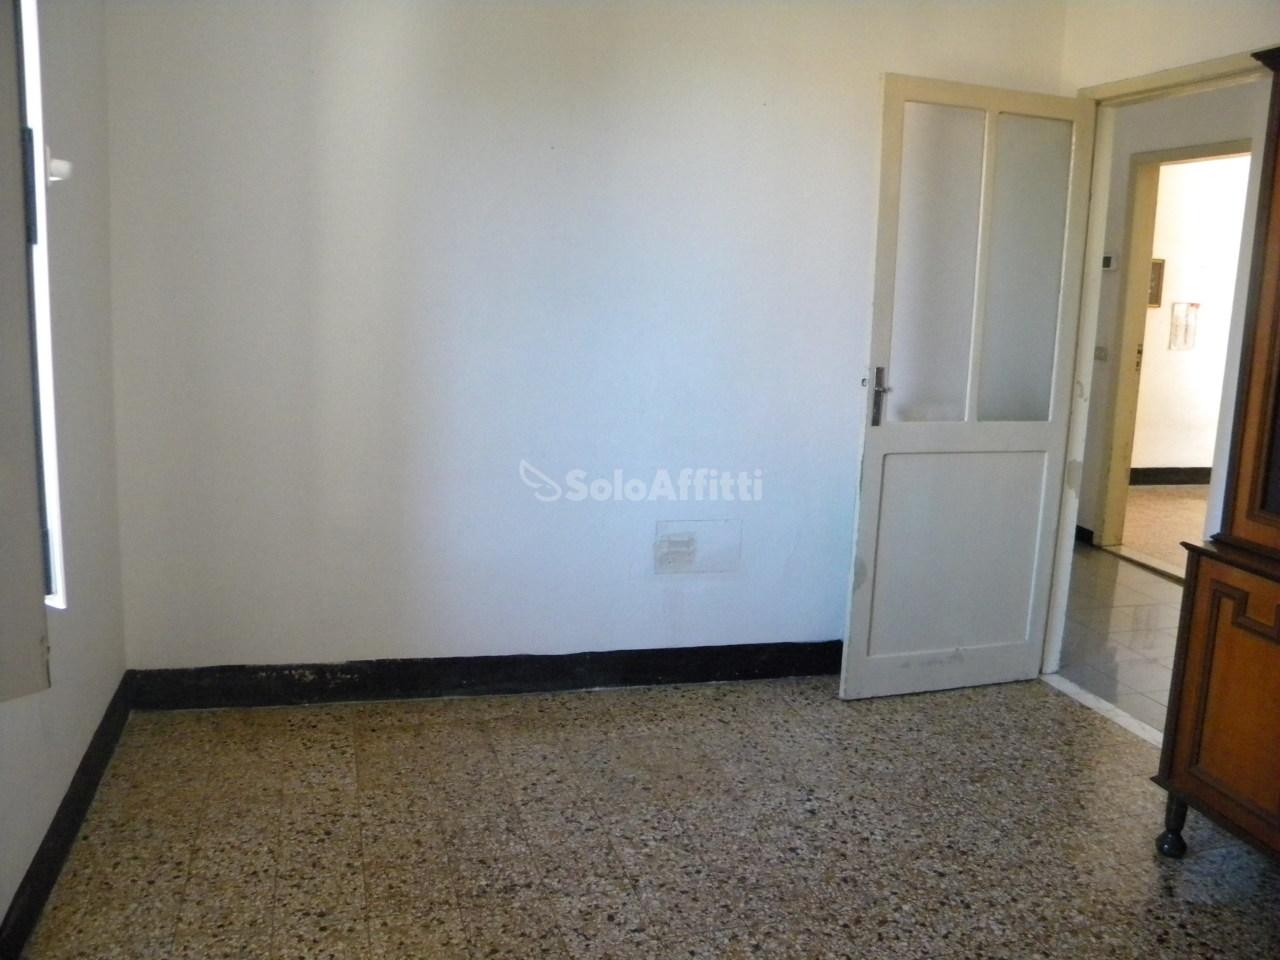 Appartamento - 7 locali a San Pier di Canne, Chiavari